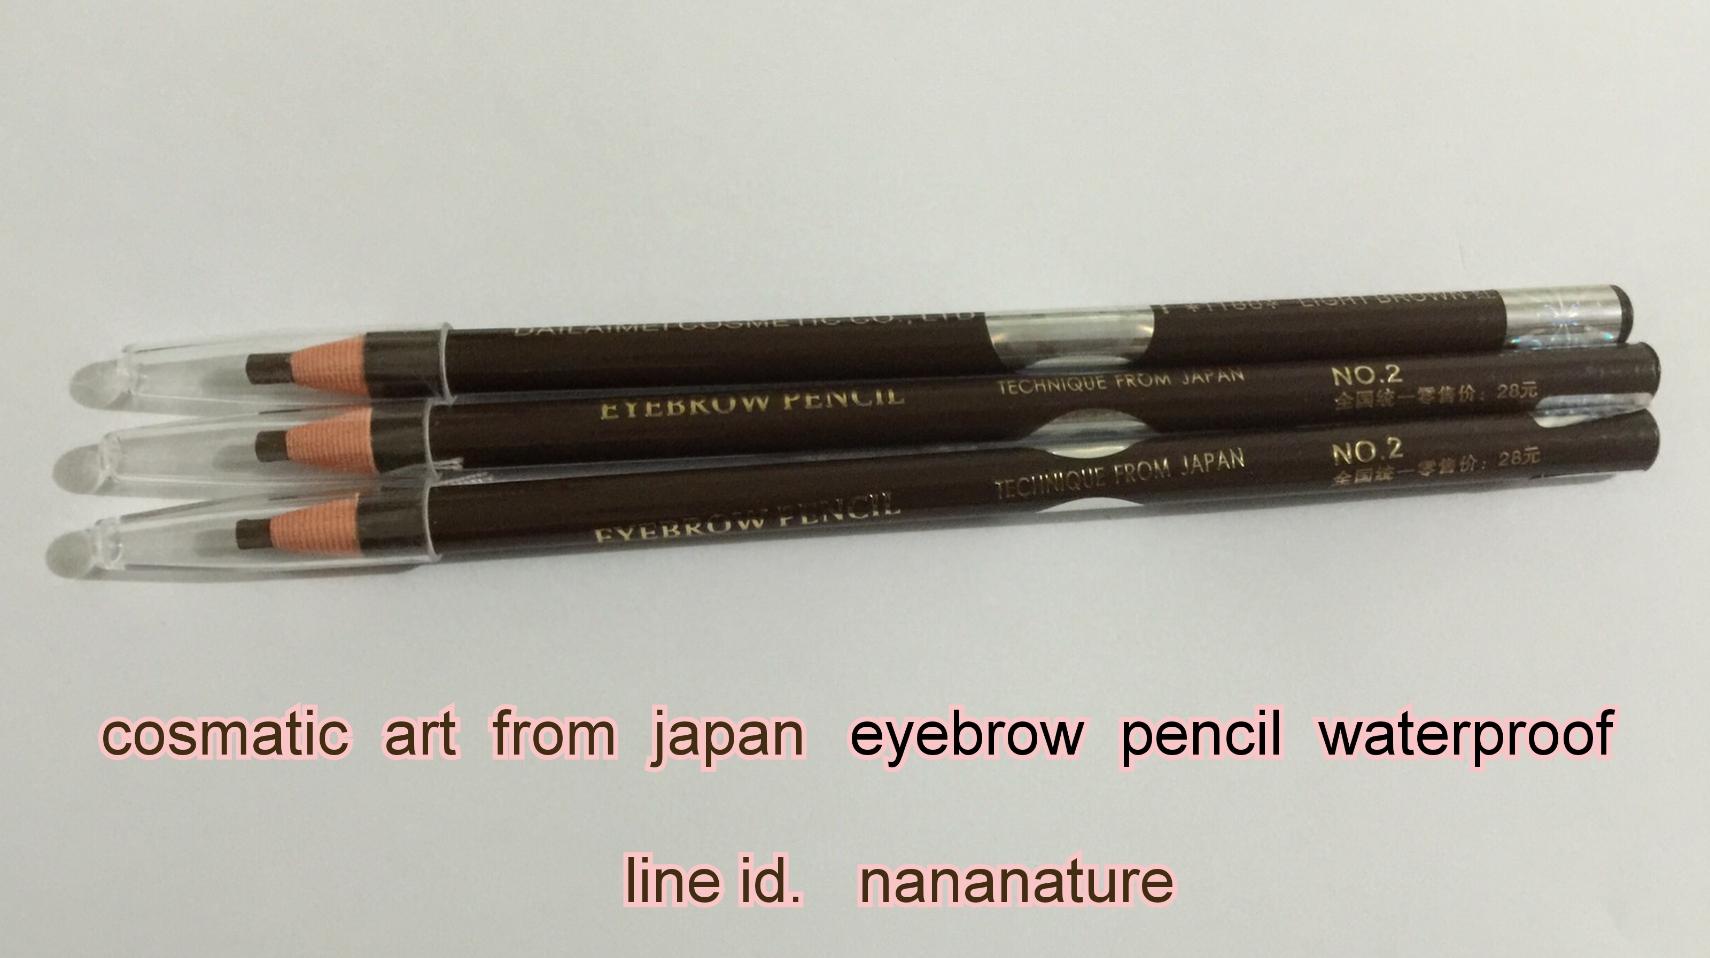 ดินสอเขียนคิ้ว กันน้ำ กันเหงื่อ แบบดึงเชือก 3 ชิ้น